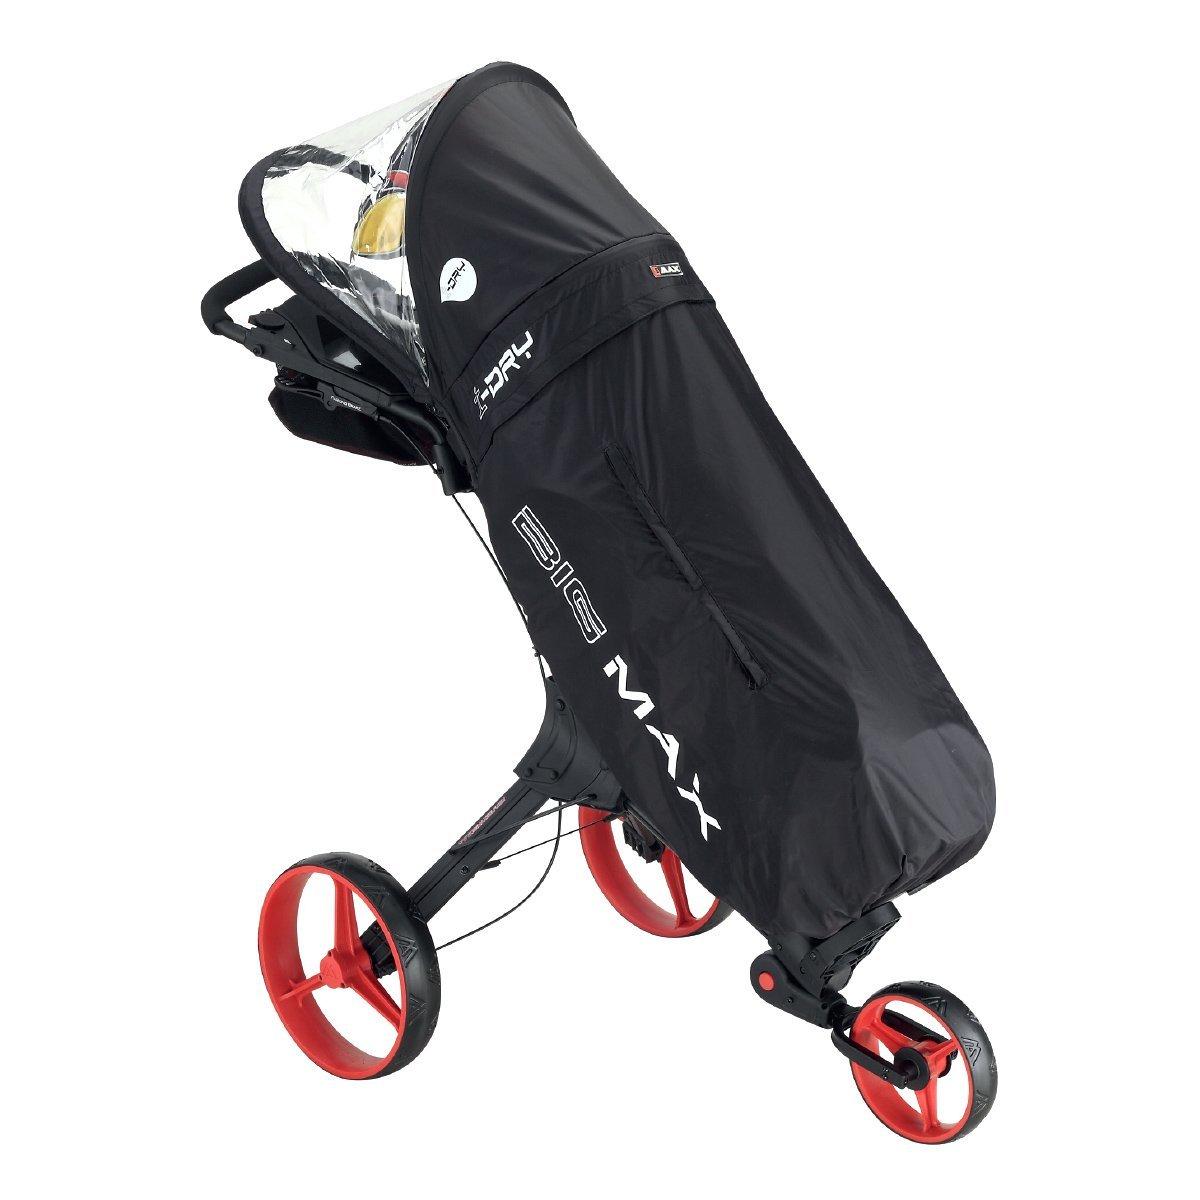 Big Max Golf Accessory iDry Raincovers